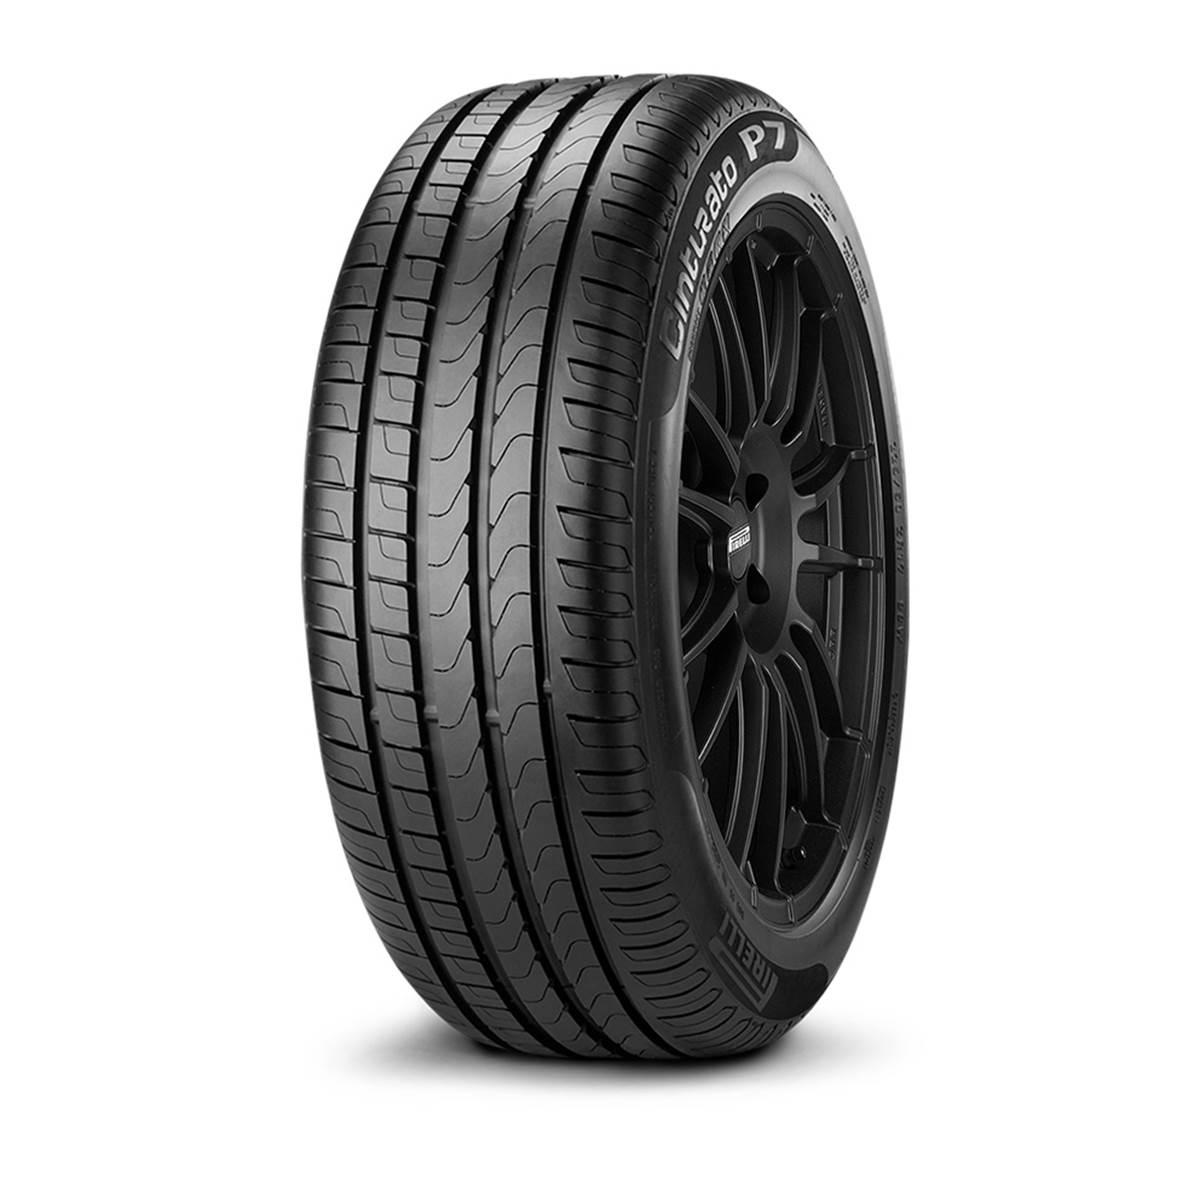 Pneu Pirelli 235/55R17 99Y Cinturato P7